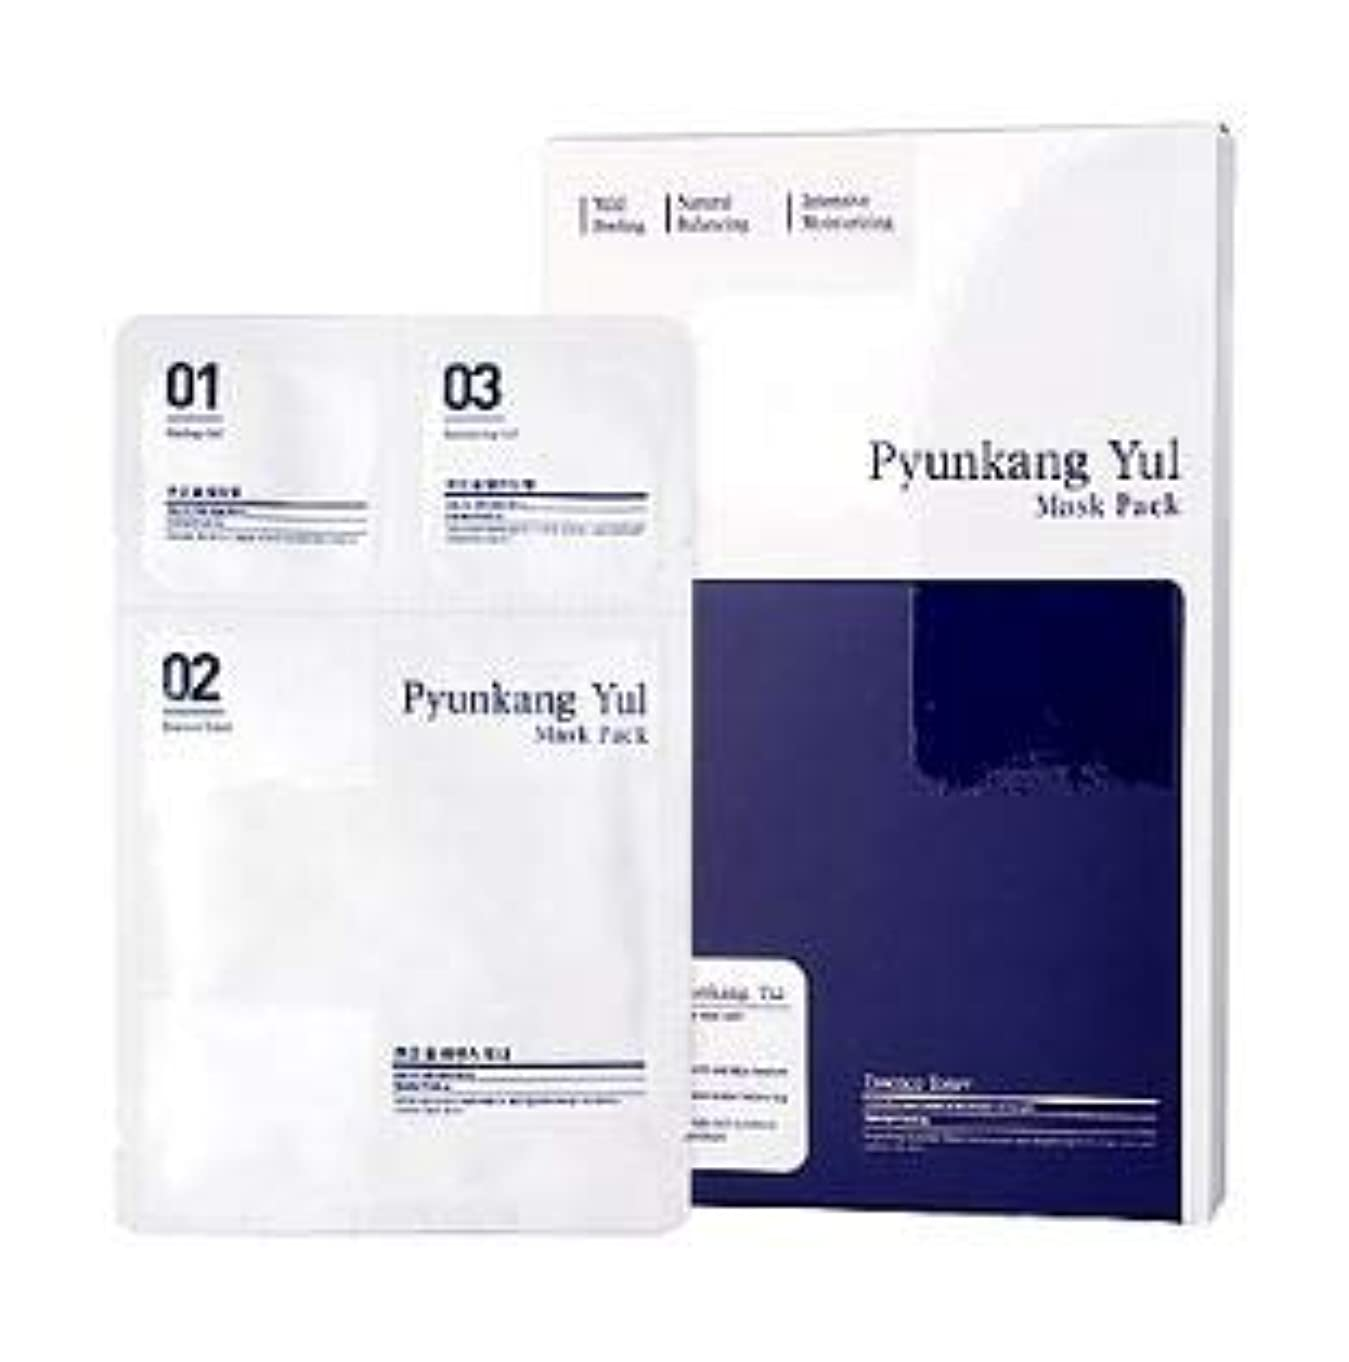 嫌悪篭放射能[Pyunkang Yul] 3 Step Mask Pack (5ea) /[扁康率(PYUNKANG YUL)] 3 ステップ マスク パック (5枚) [並行輸入品]